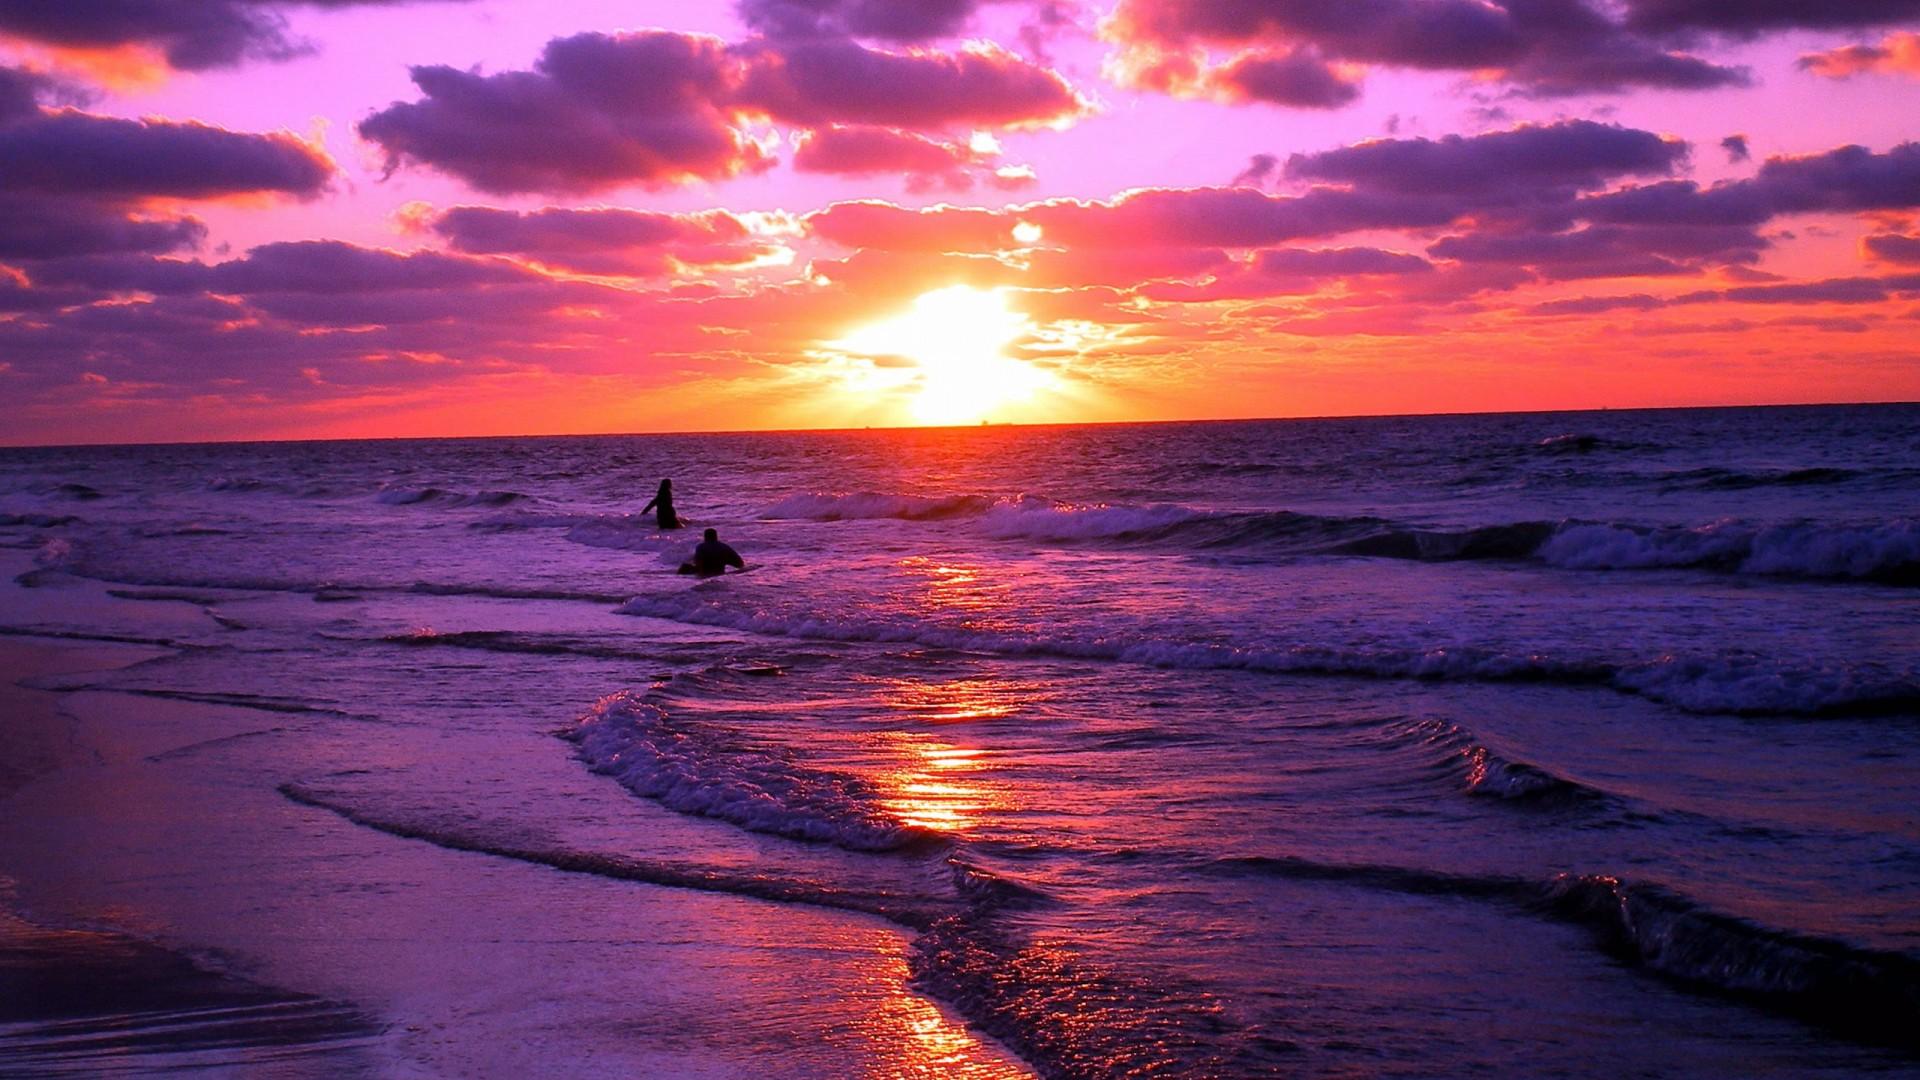 EXS Beach Sunset Wallpaper Desktop Awesome 1920x1080